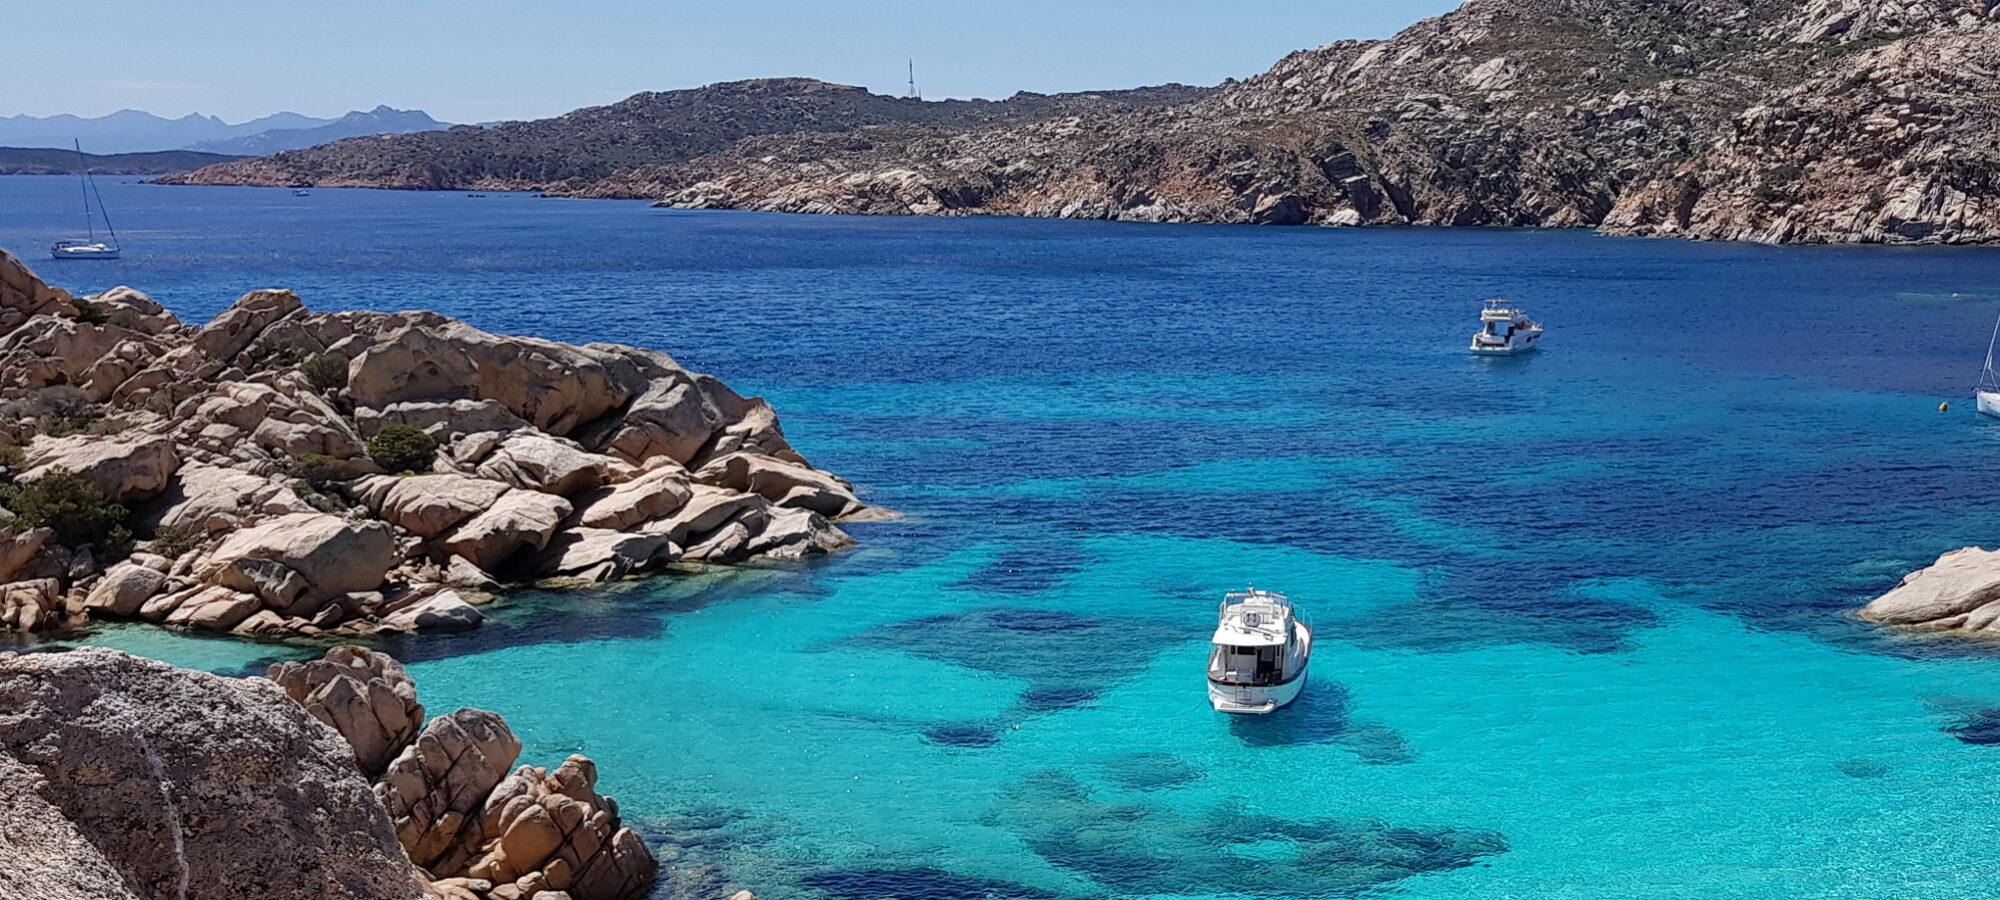 Prestige 420 - my NAIMA - die moderne Motoryacht im Mittelmeer